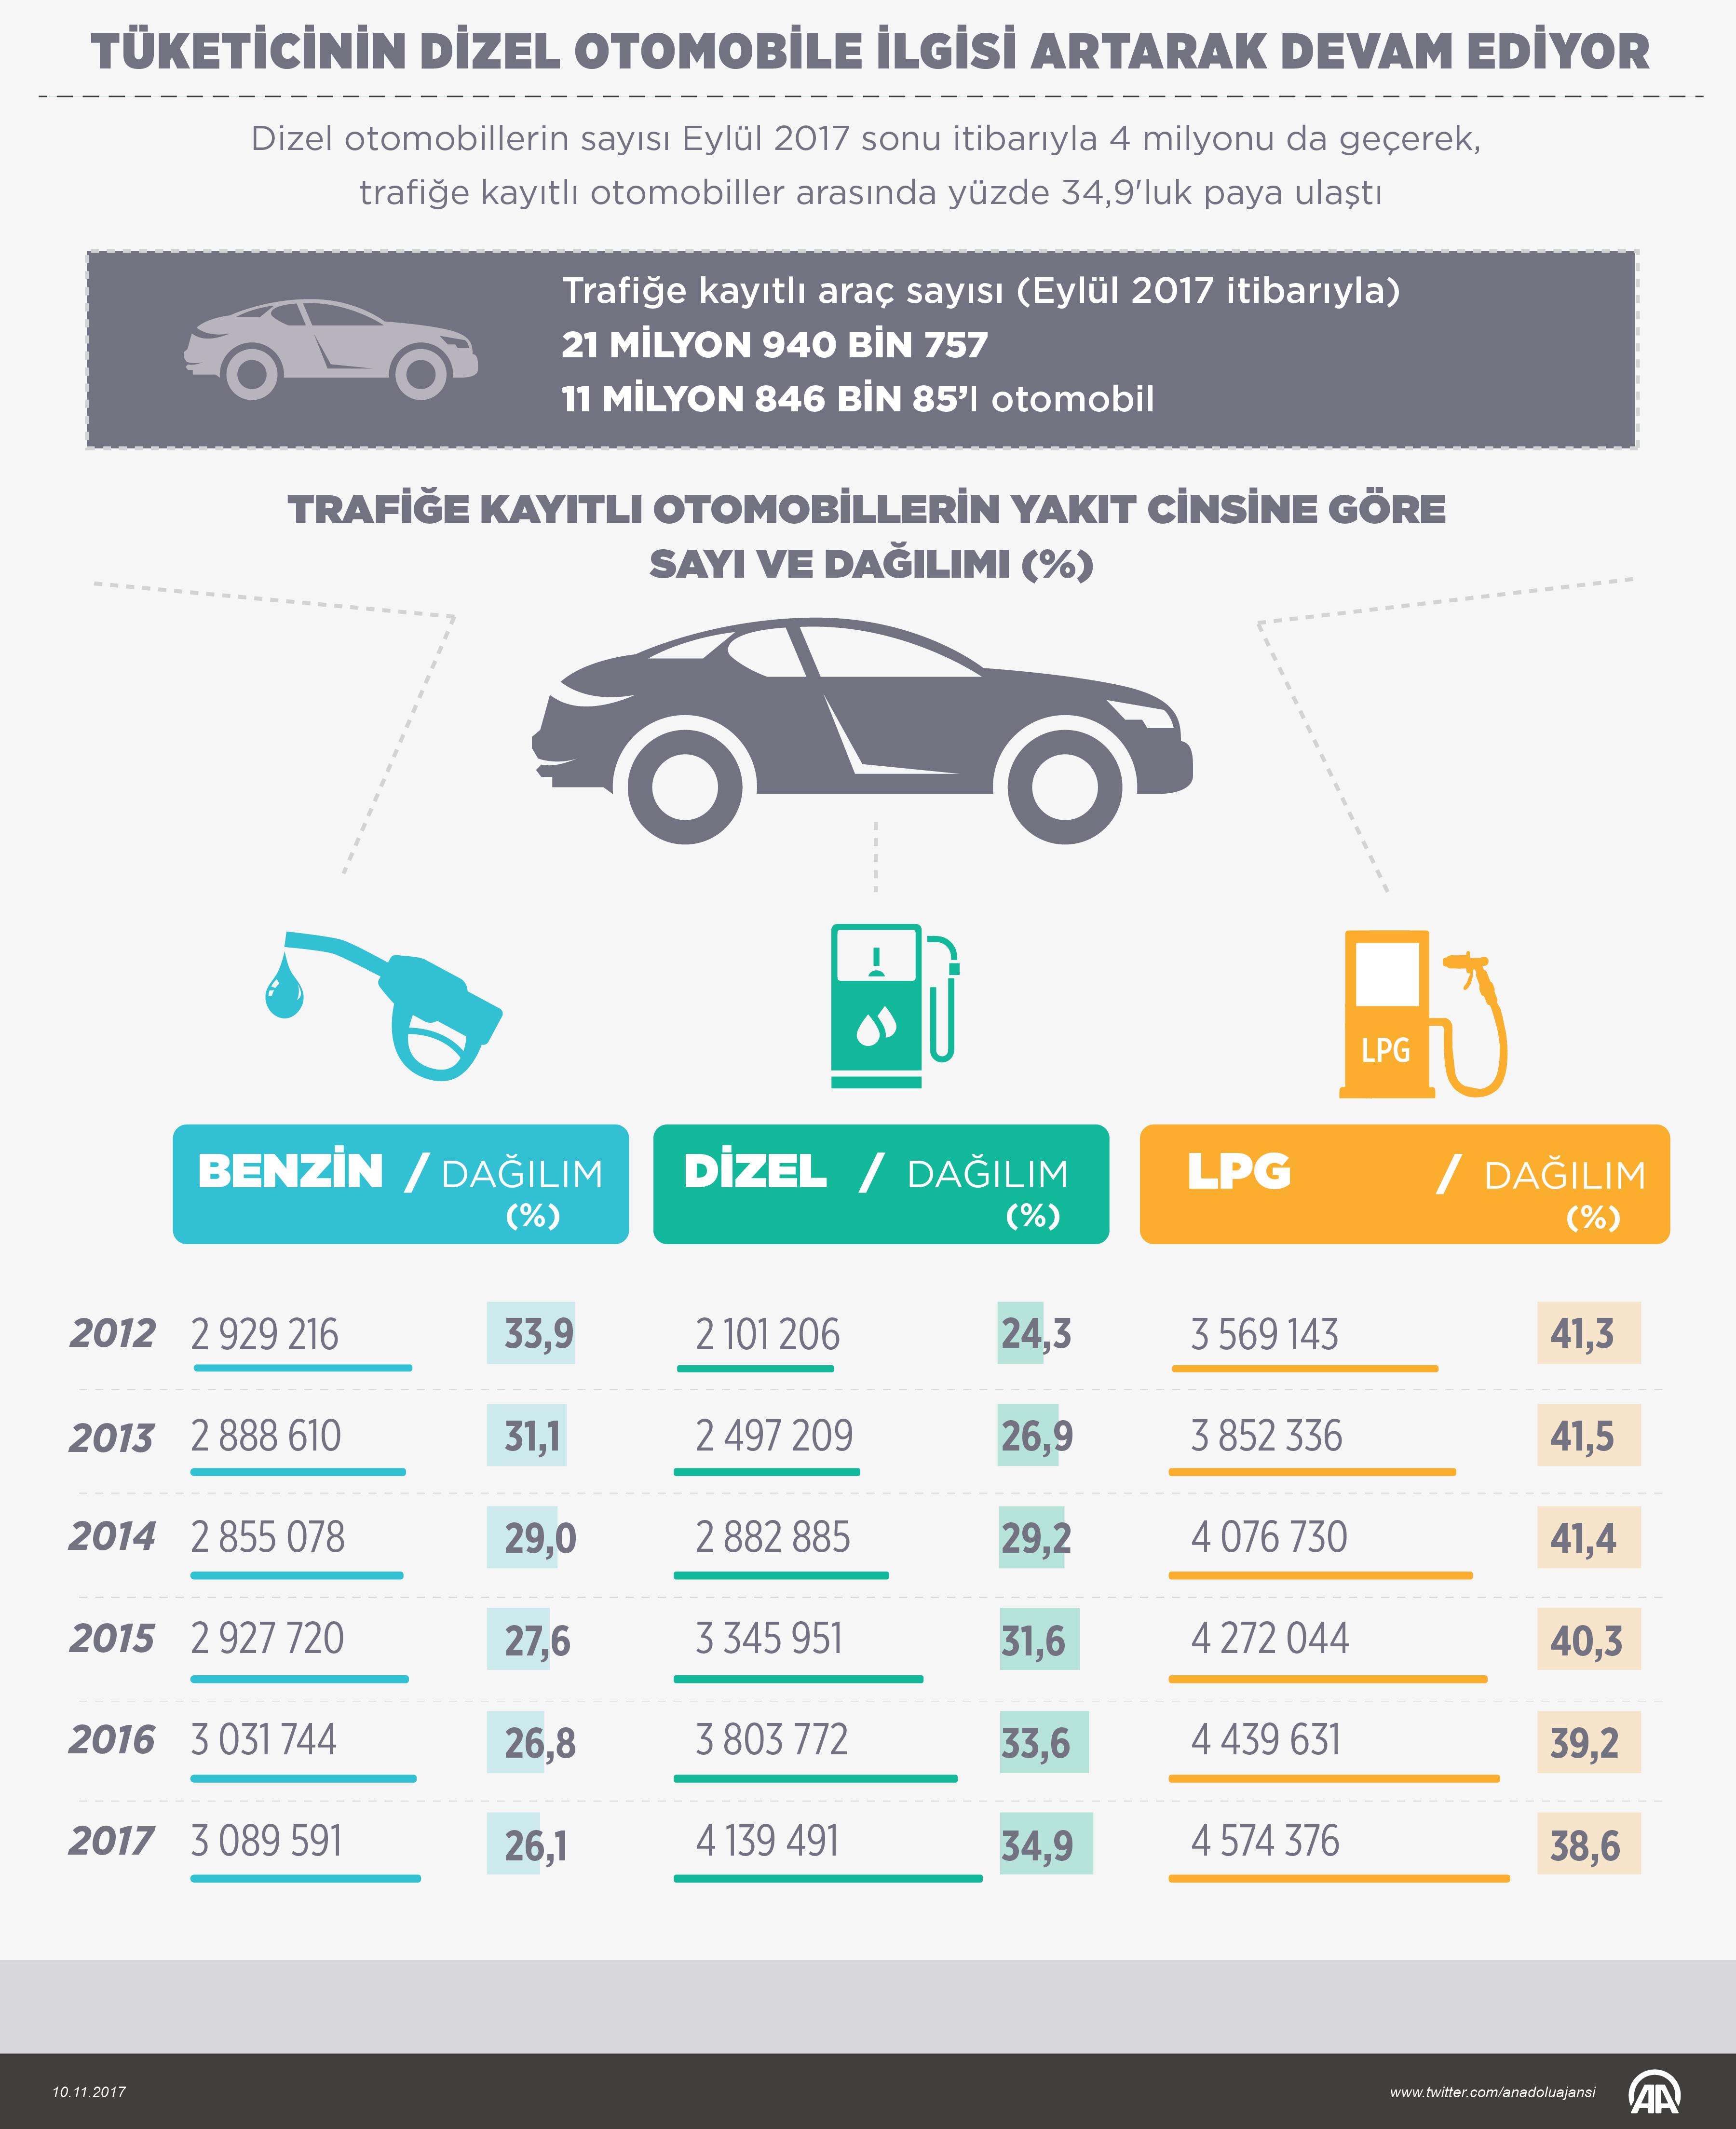 Türkiye'de yakıt cinsine göre otomobil dağılımı